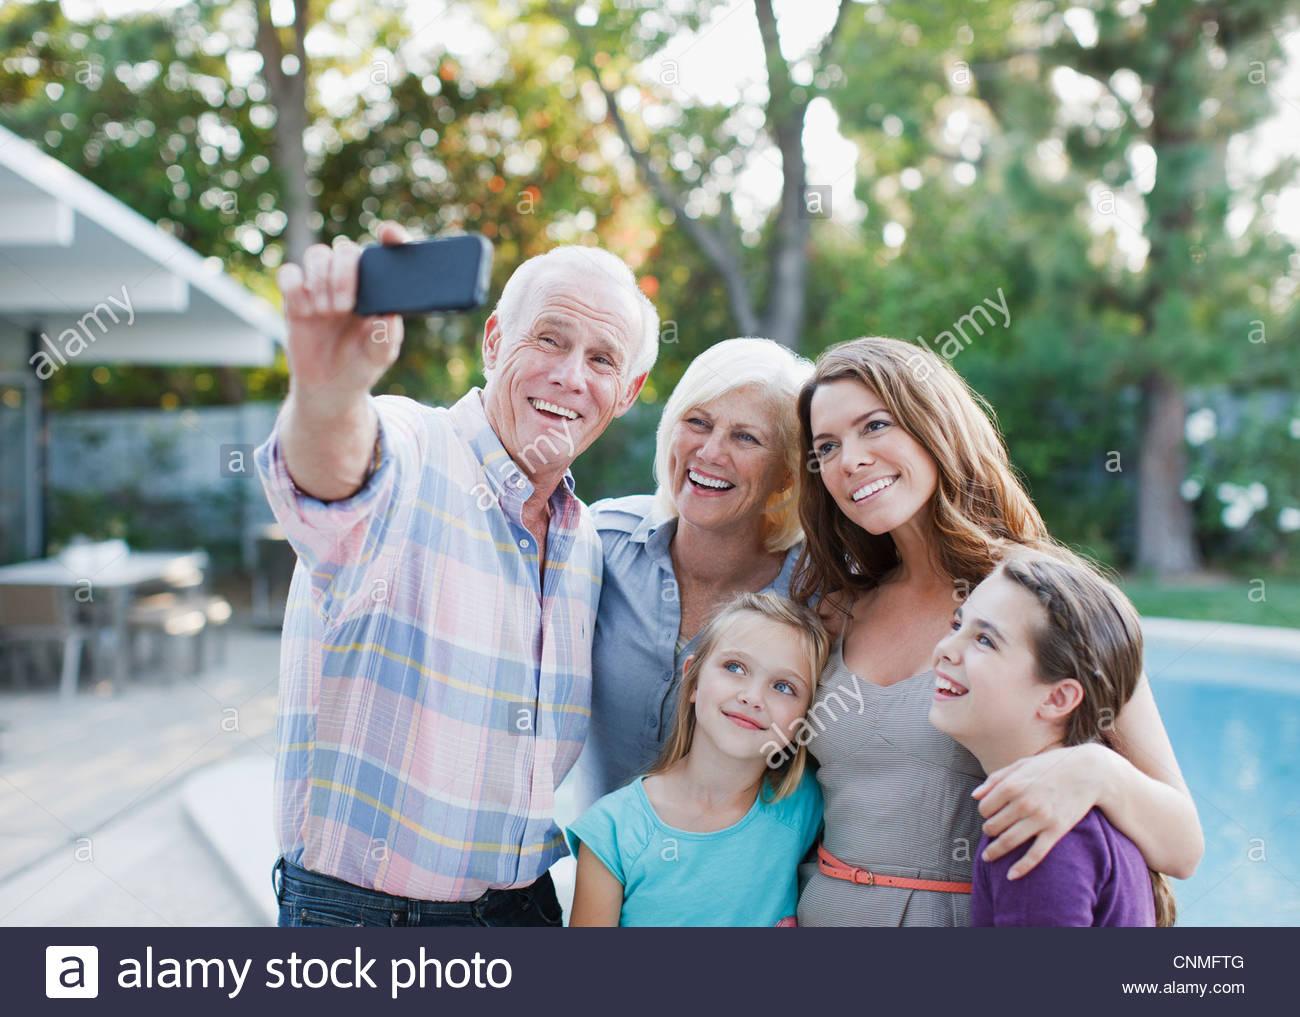 Famiglia di prendere una foto di loro stessi all'aperto Immagini Stock